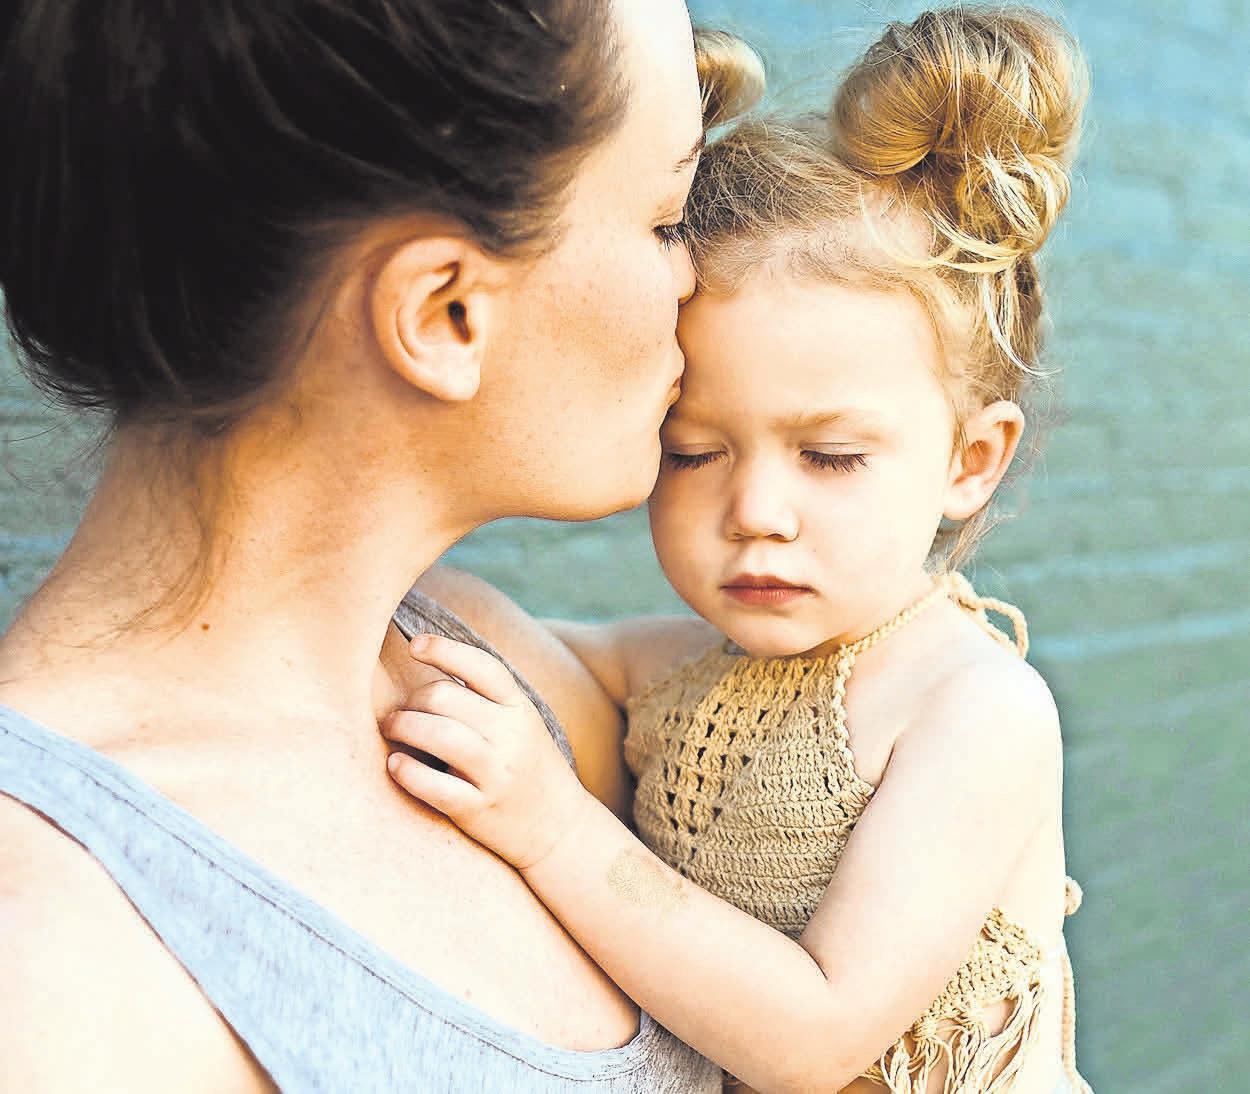 Mutterliebe ist eine sehr starke Gefühlsbindung zu den eigenen Kindern. Foto: Pixabay